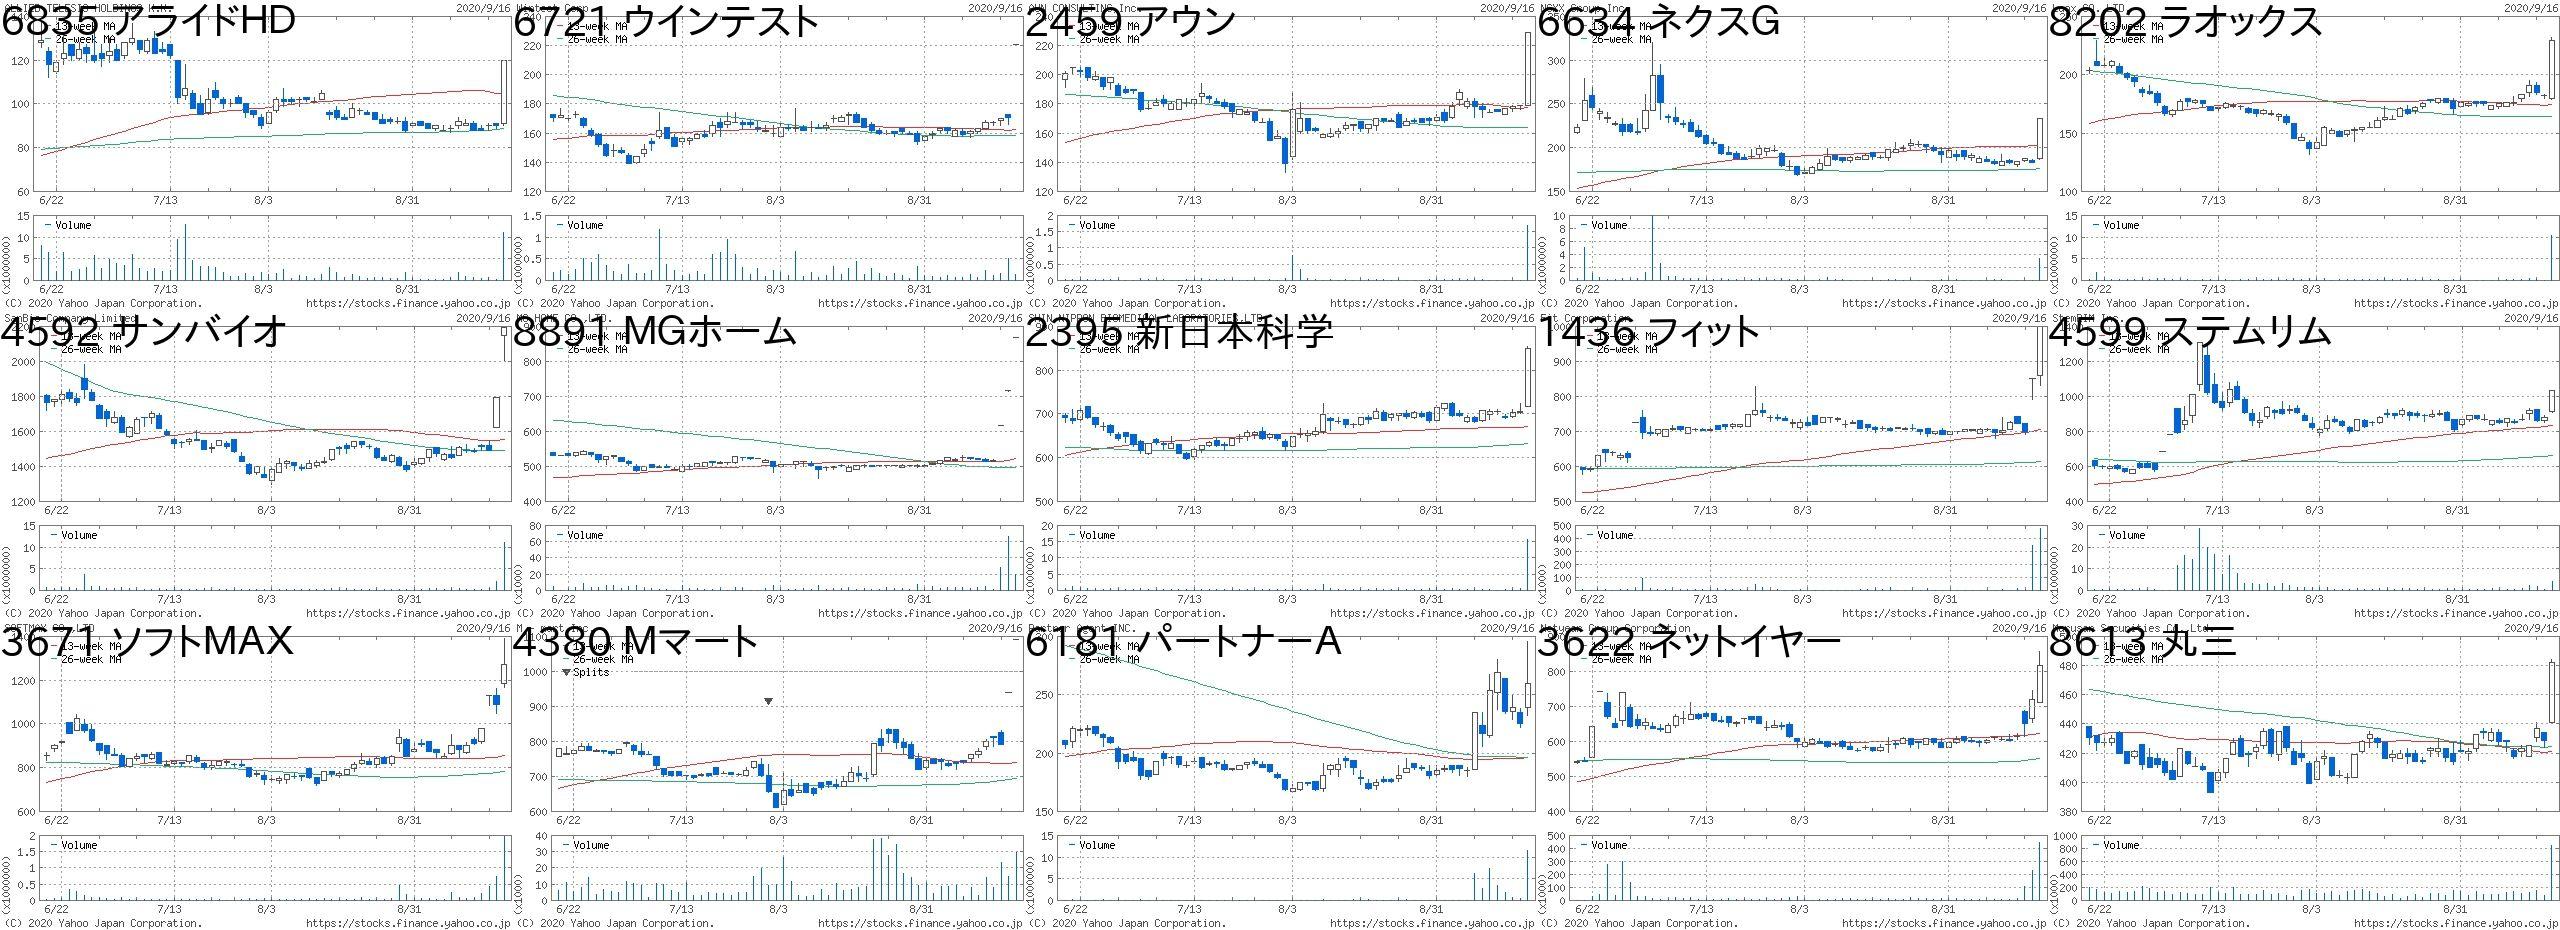 株価 ステムリム